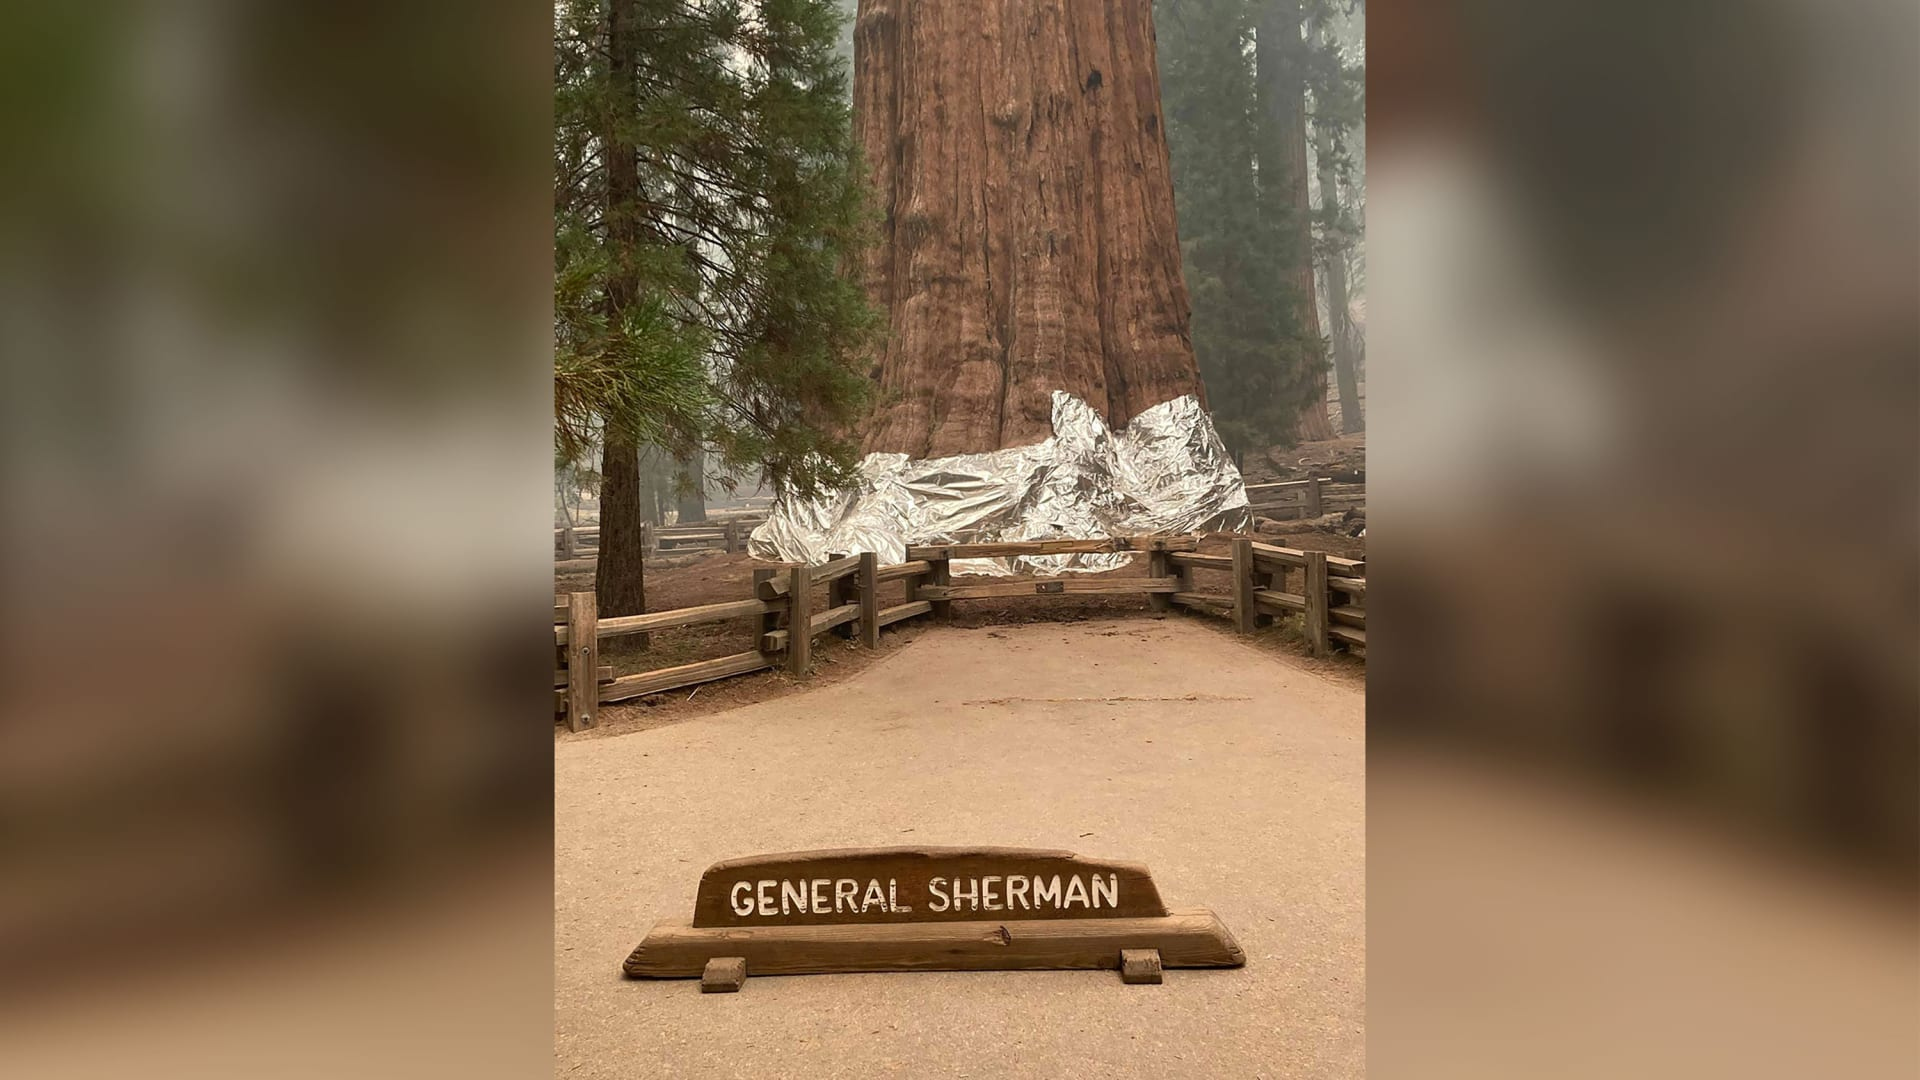 هكذا يحمي الأميريكيون الأشجار التاريخية في الغابات من الحرائق + صور